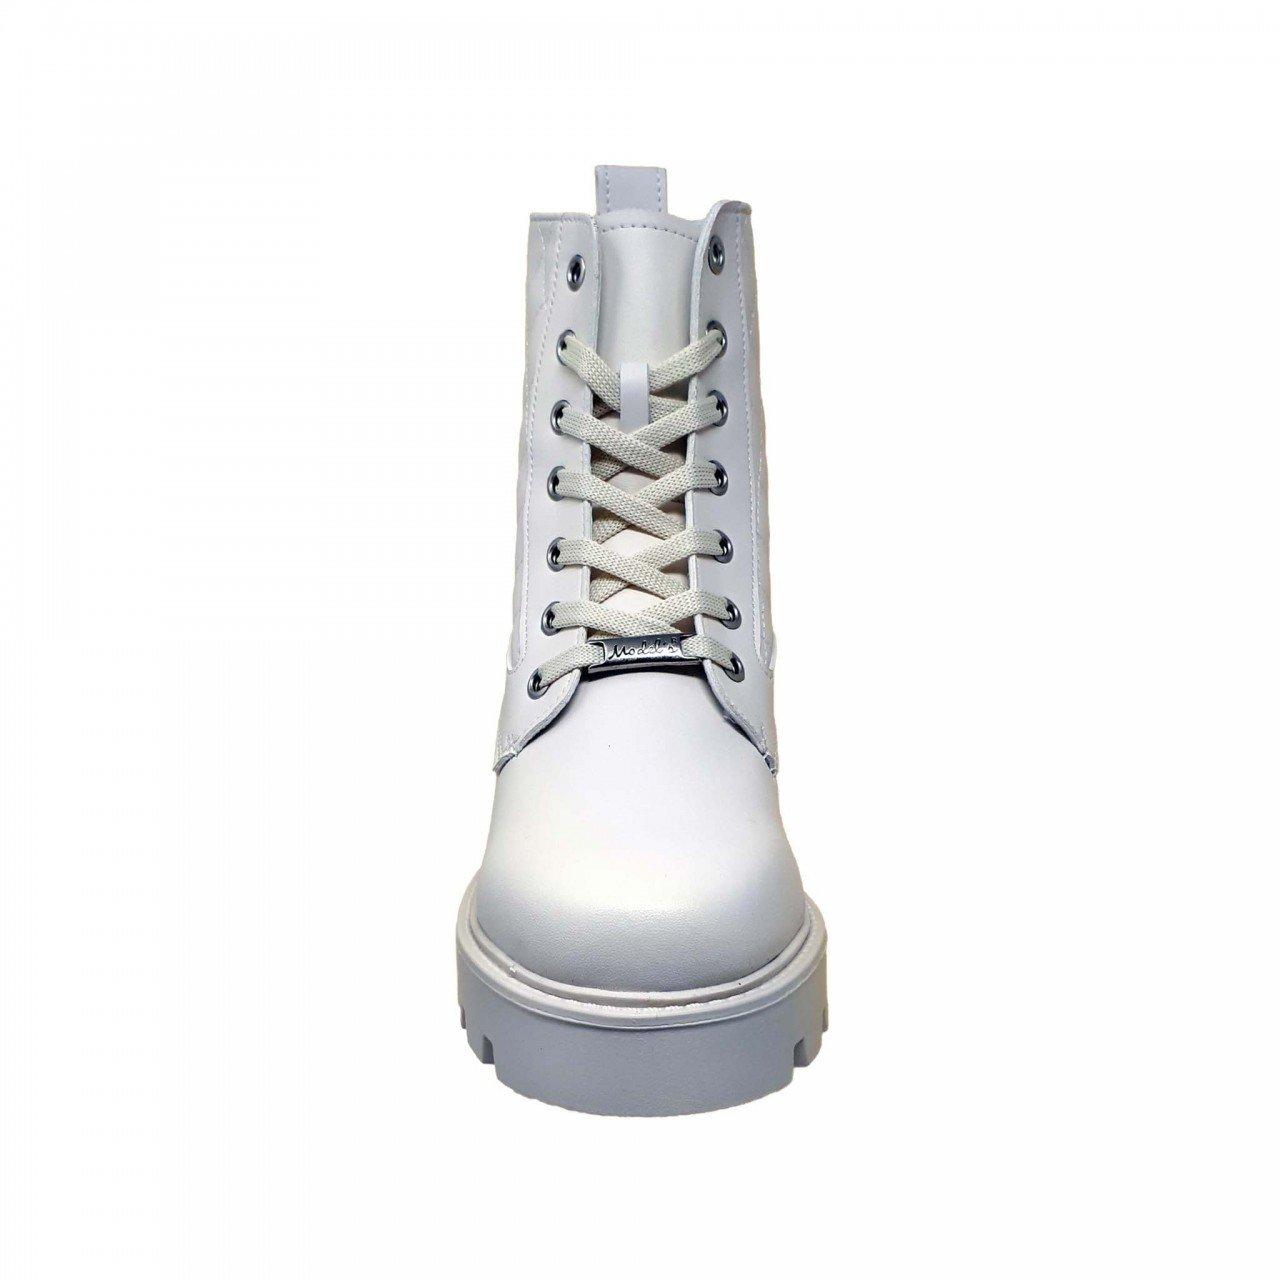 Botín blanco late tipo piel de plataforma para mujer M2529